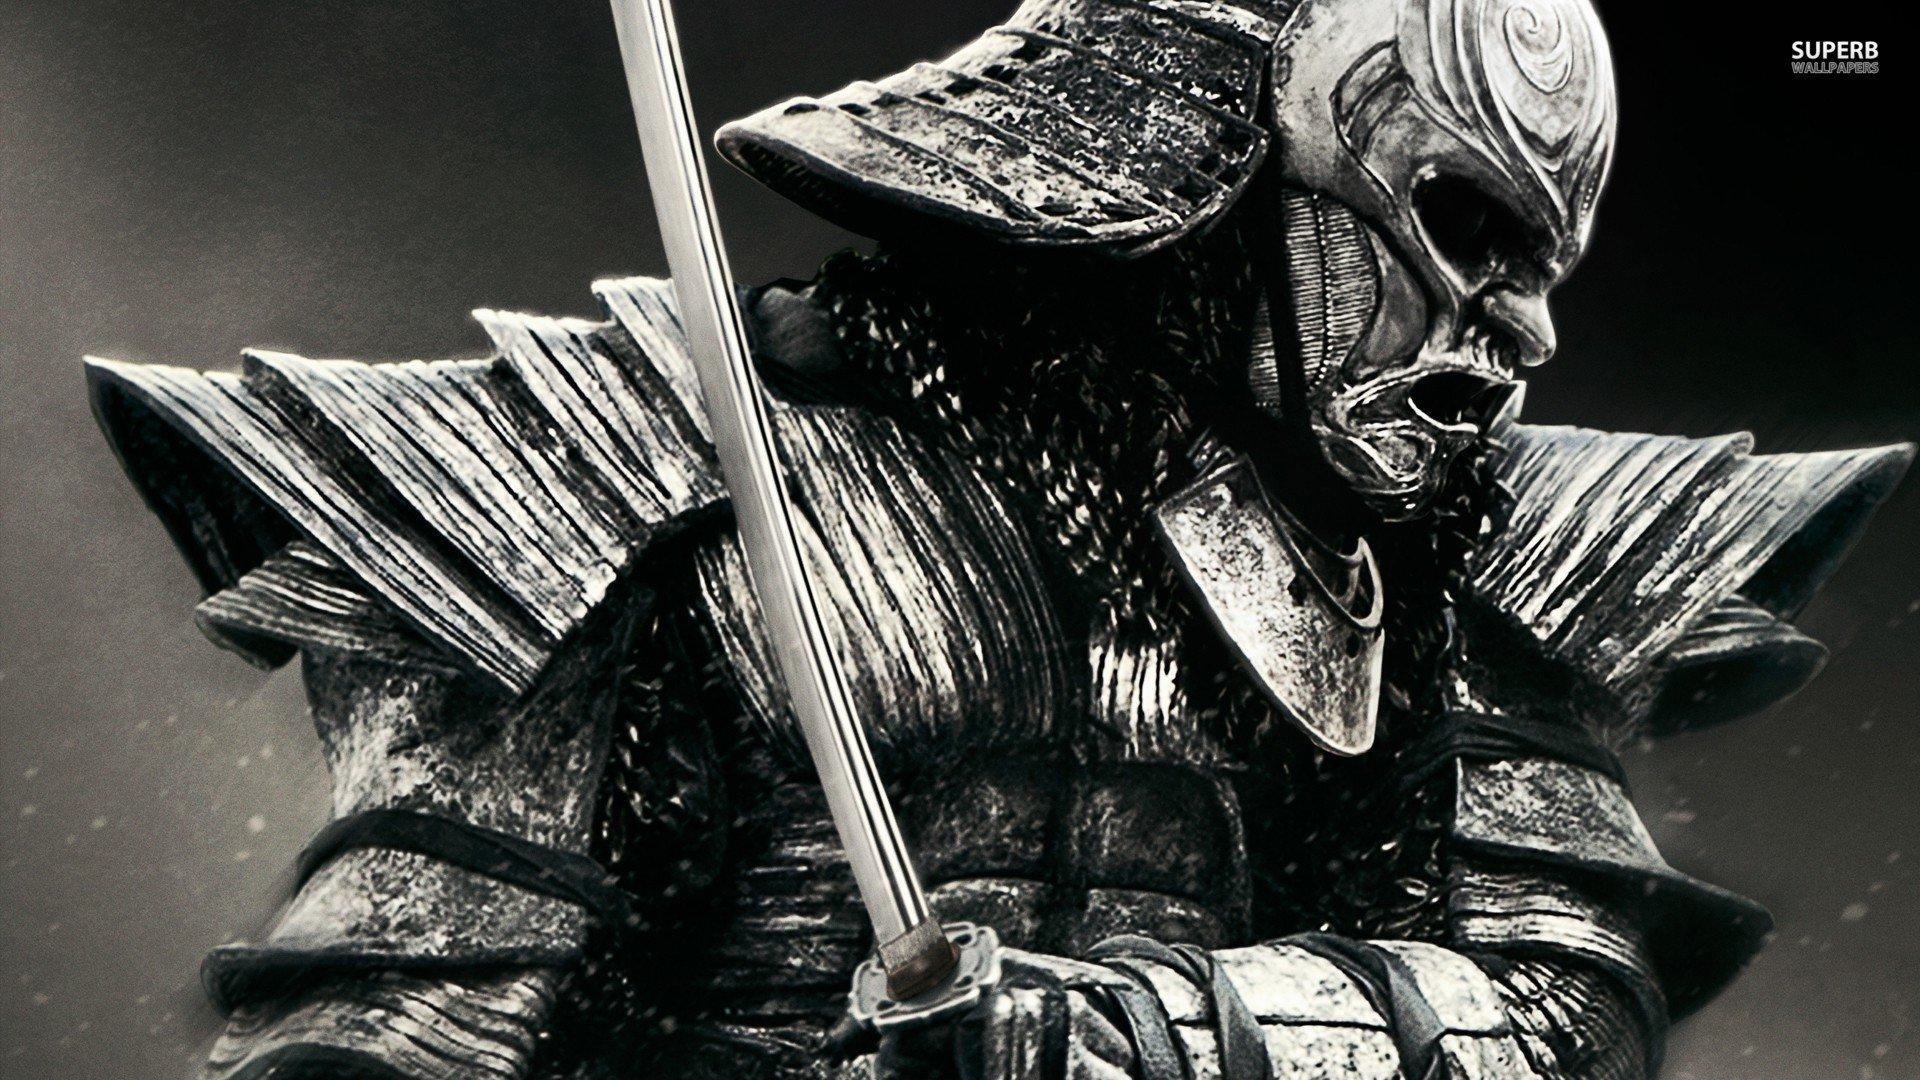 ronin samurai warrior wallpaper 1920x1080 447401 WallpaperUP 1920x1080